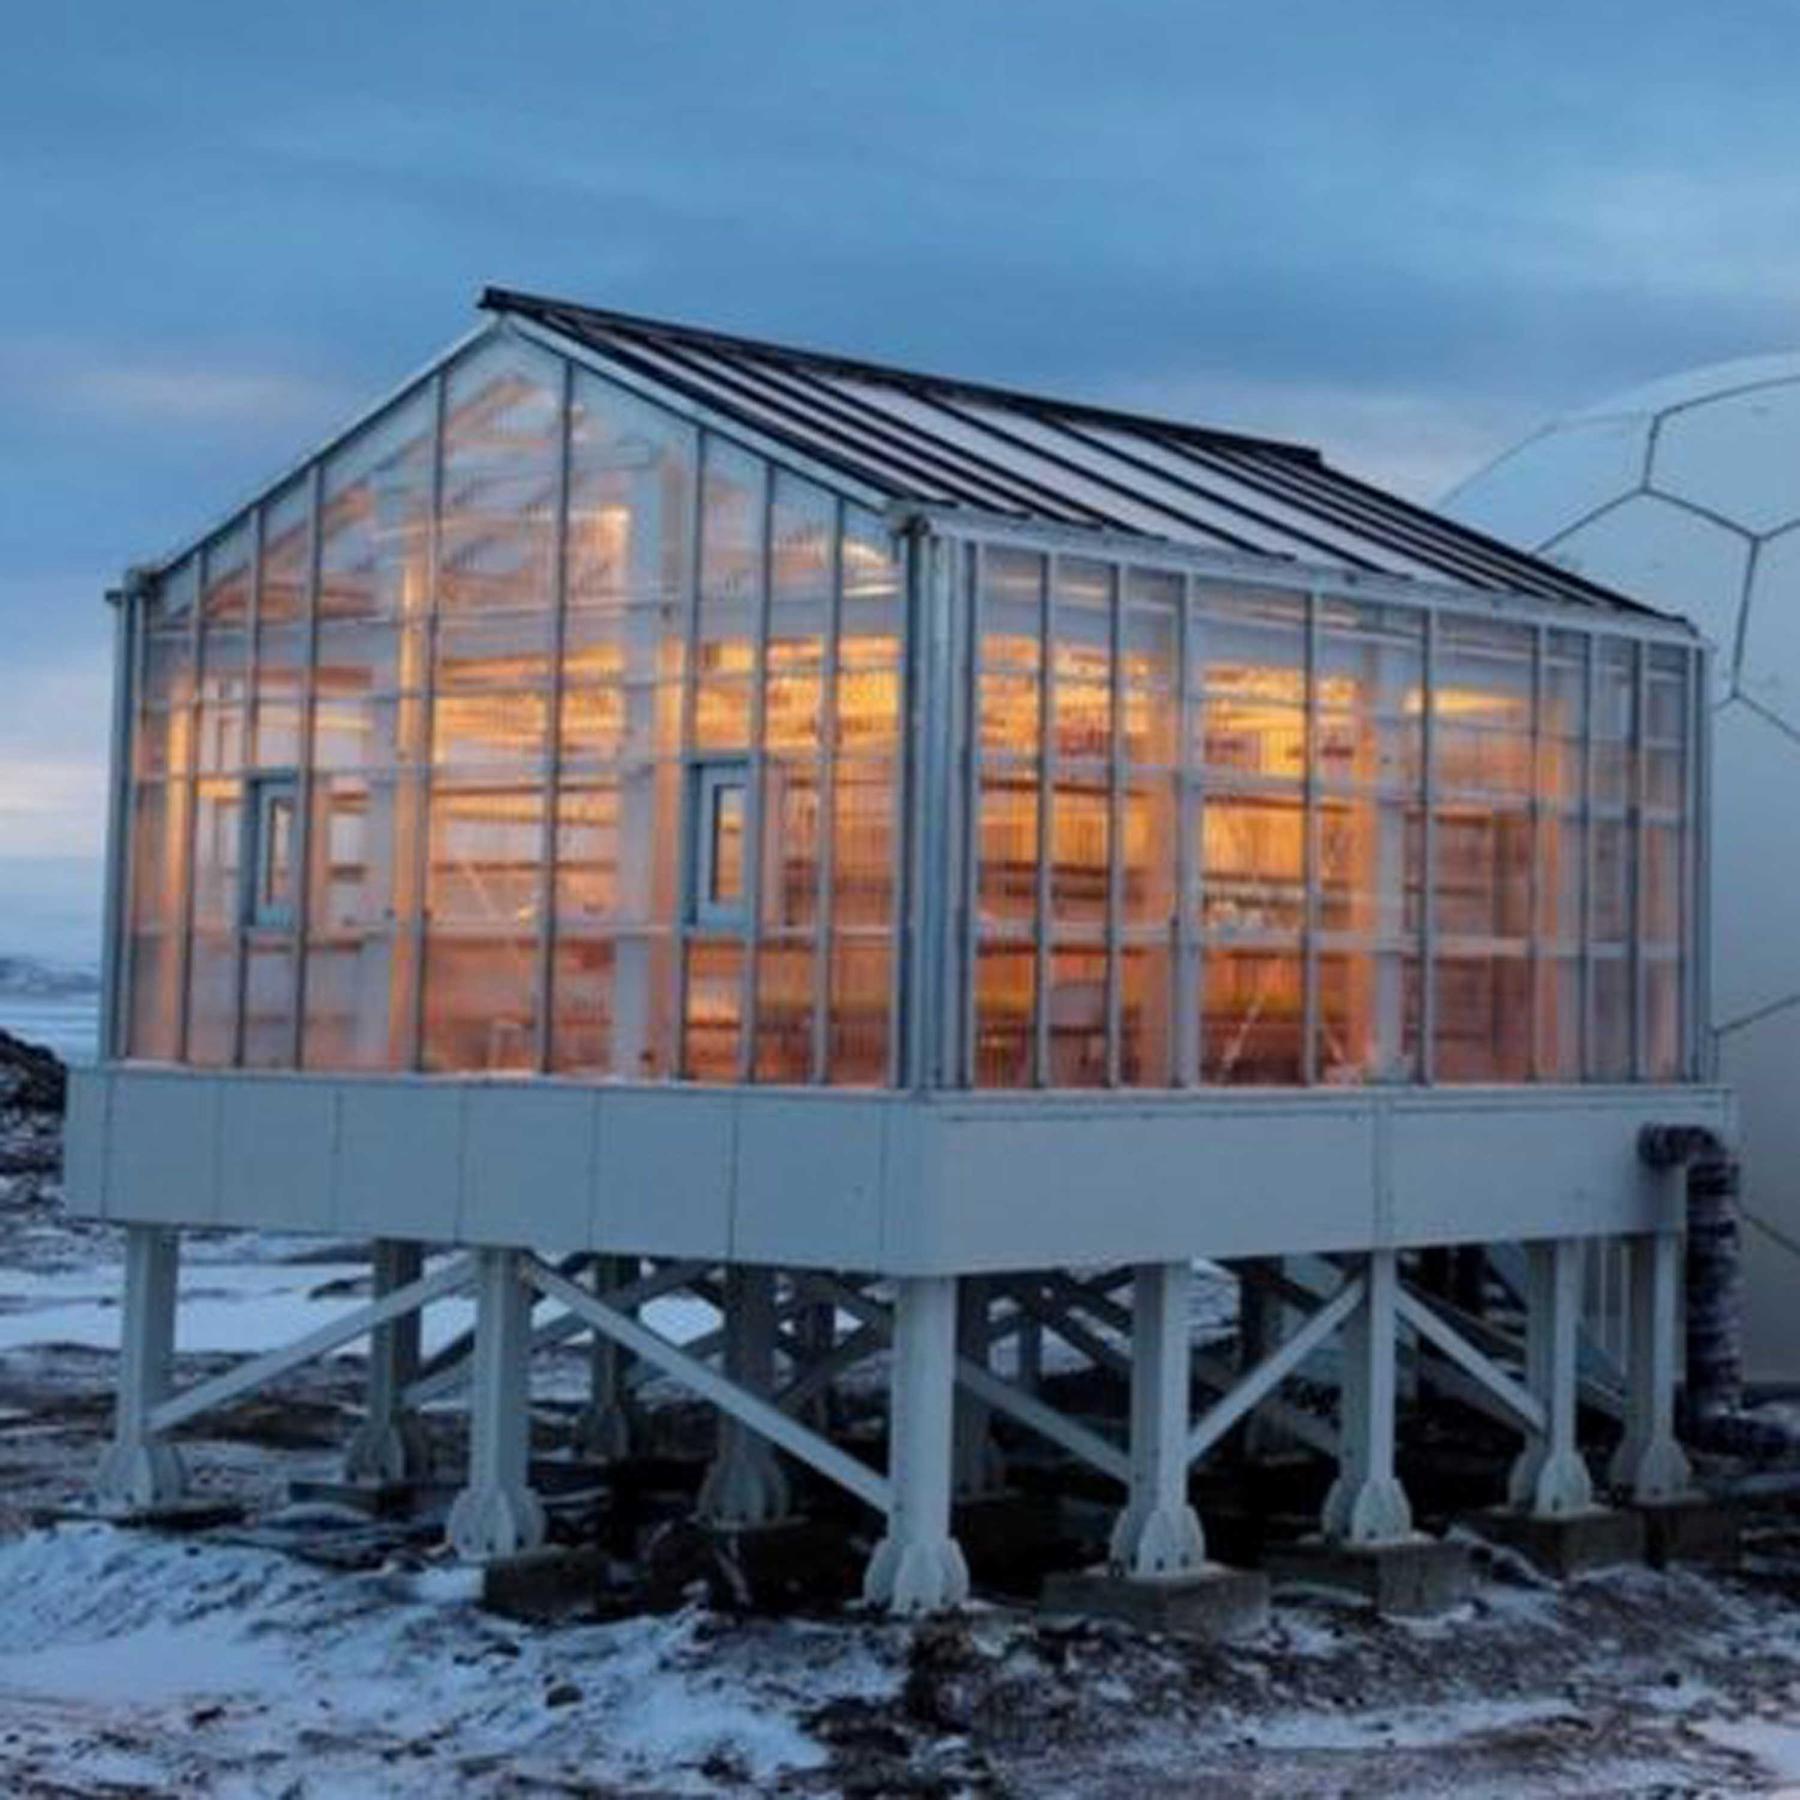 Pflanzenzucht auf dem Mond - Antarktis-Gewächshaus EDEN ISS startet neue Mission